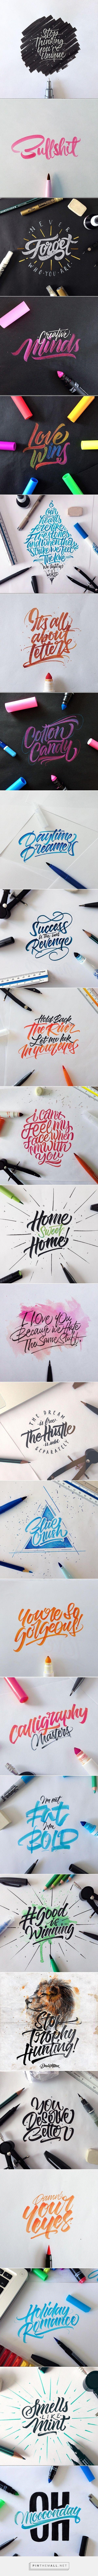 Crayola & Brushpen Lettering Set 3 by David Milan: